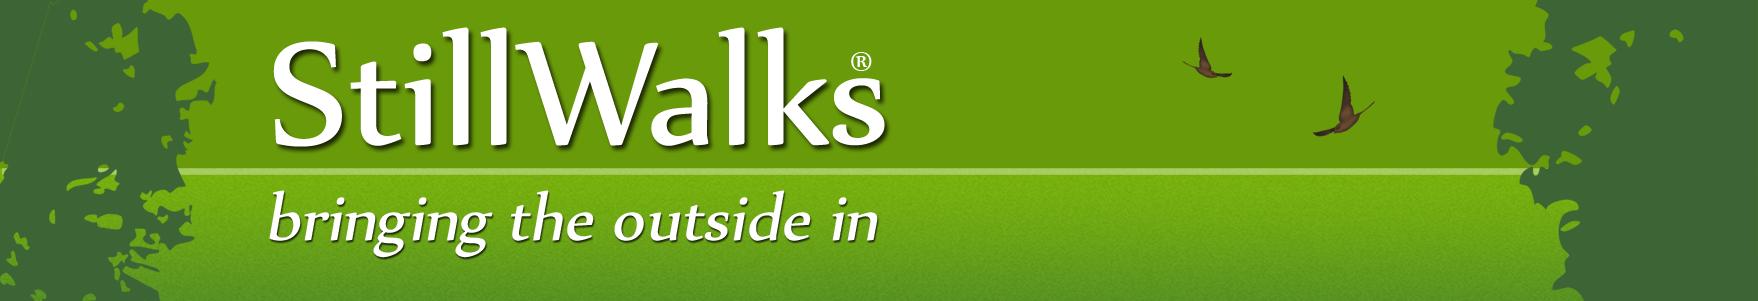 StillWalks